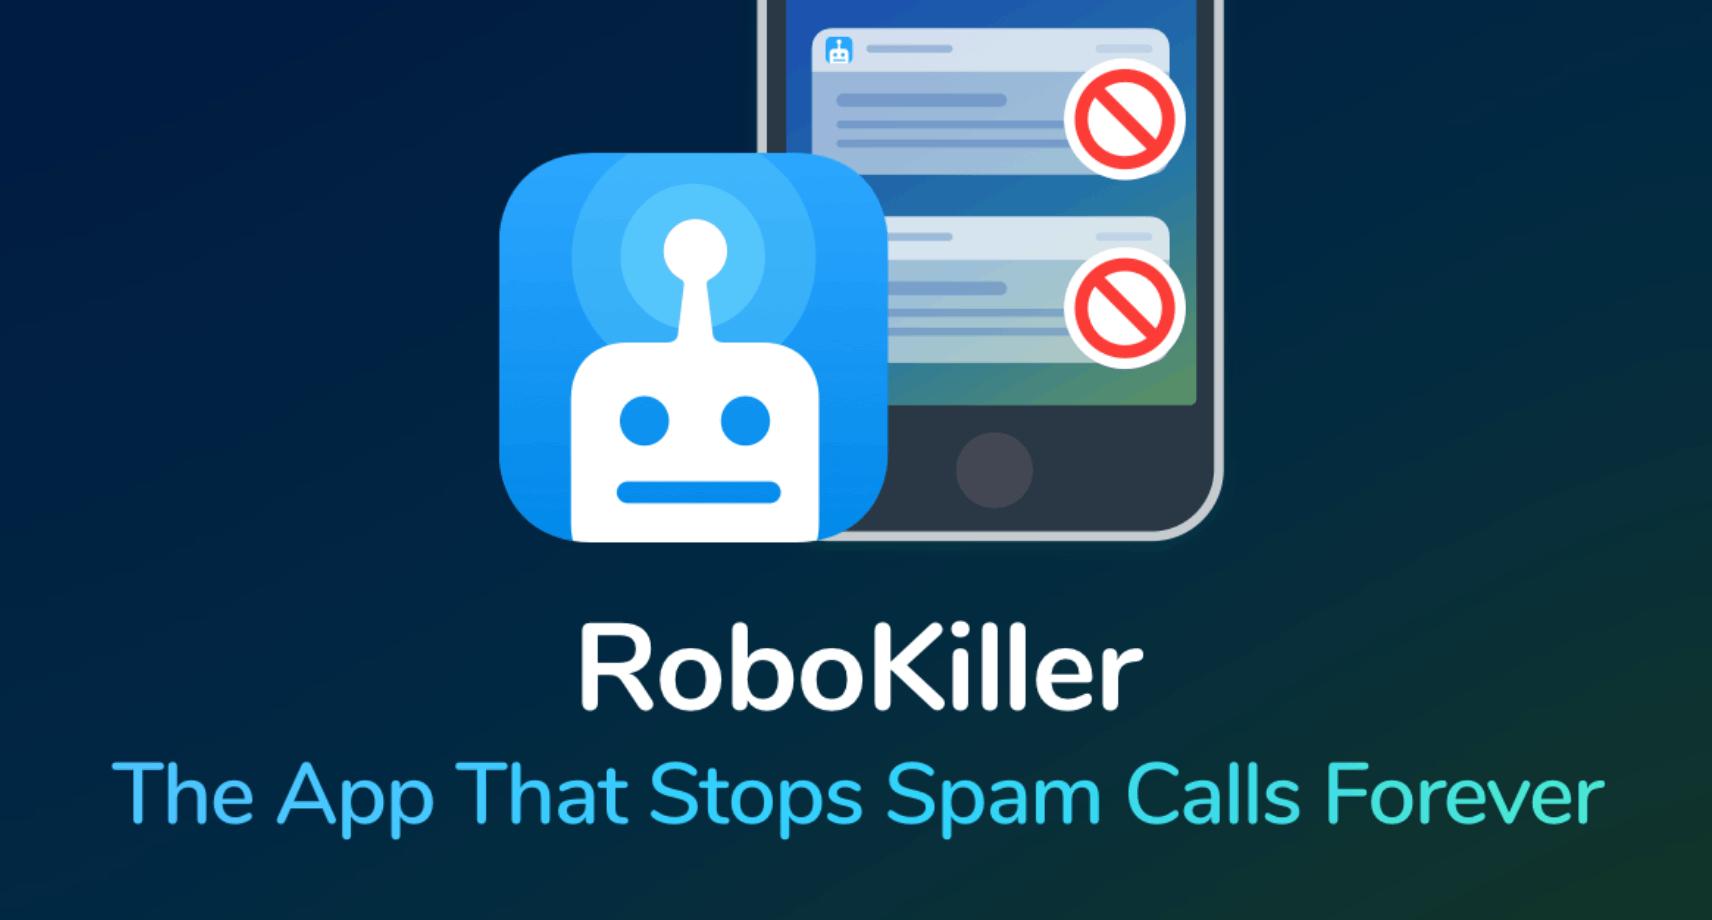 RoboKiller App - Block Spam And Robocalls